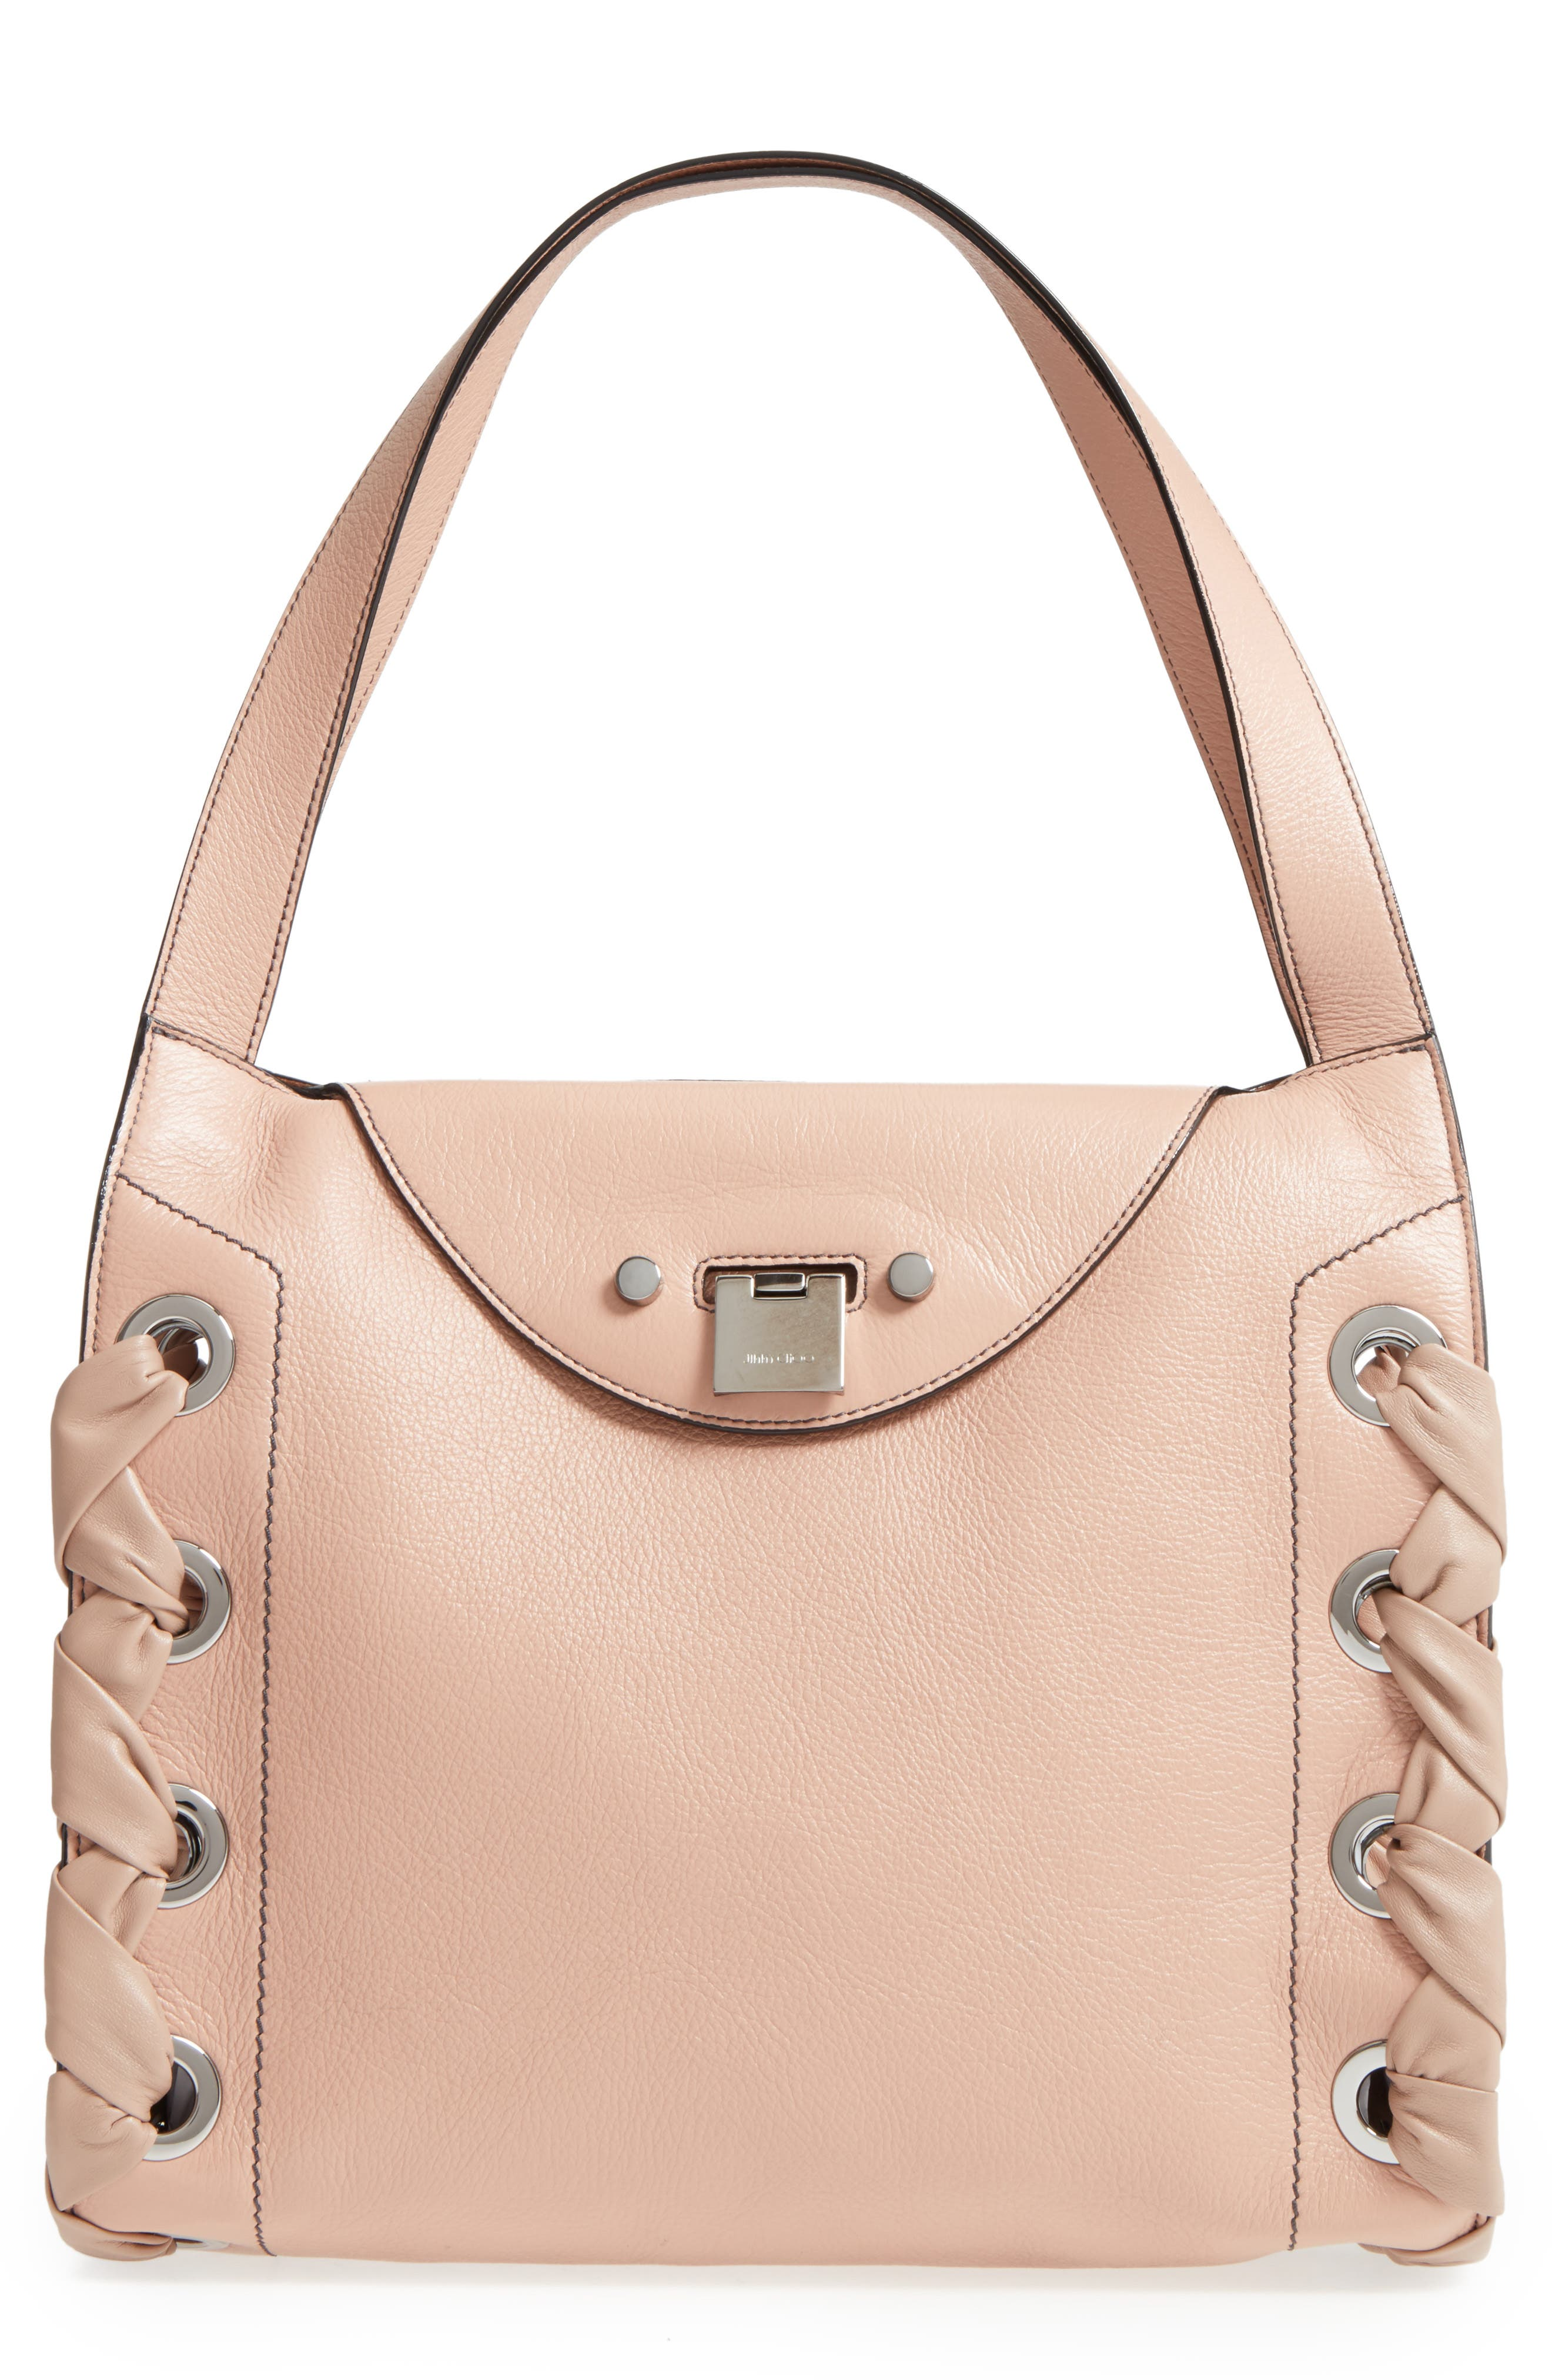 Rebel Leather Shoulder Bag,                             Main thumbnail 1, color,                             Ballet Pink